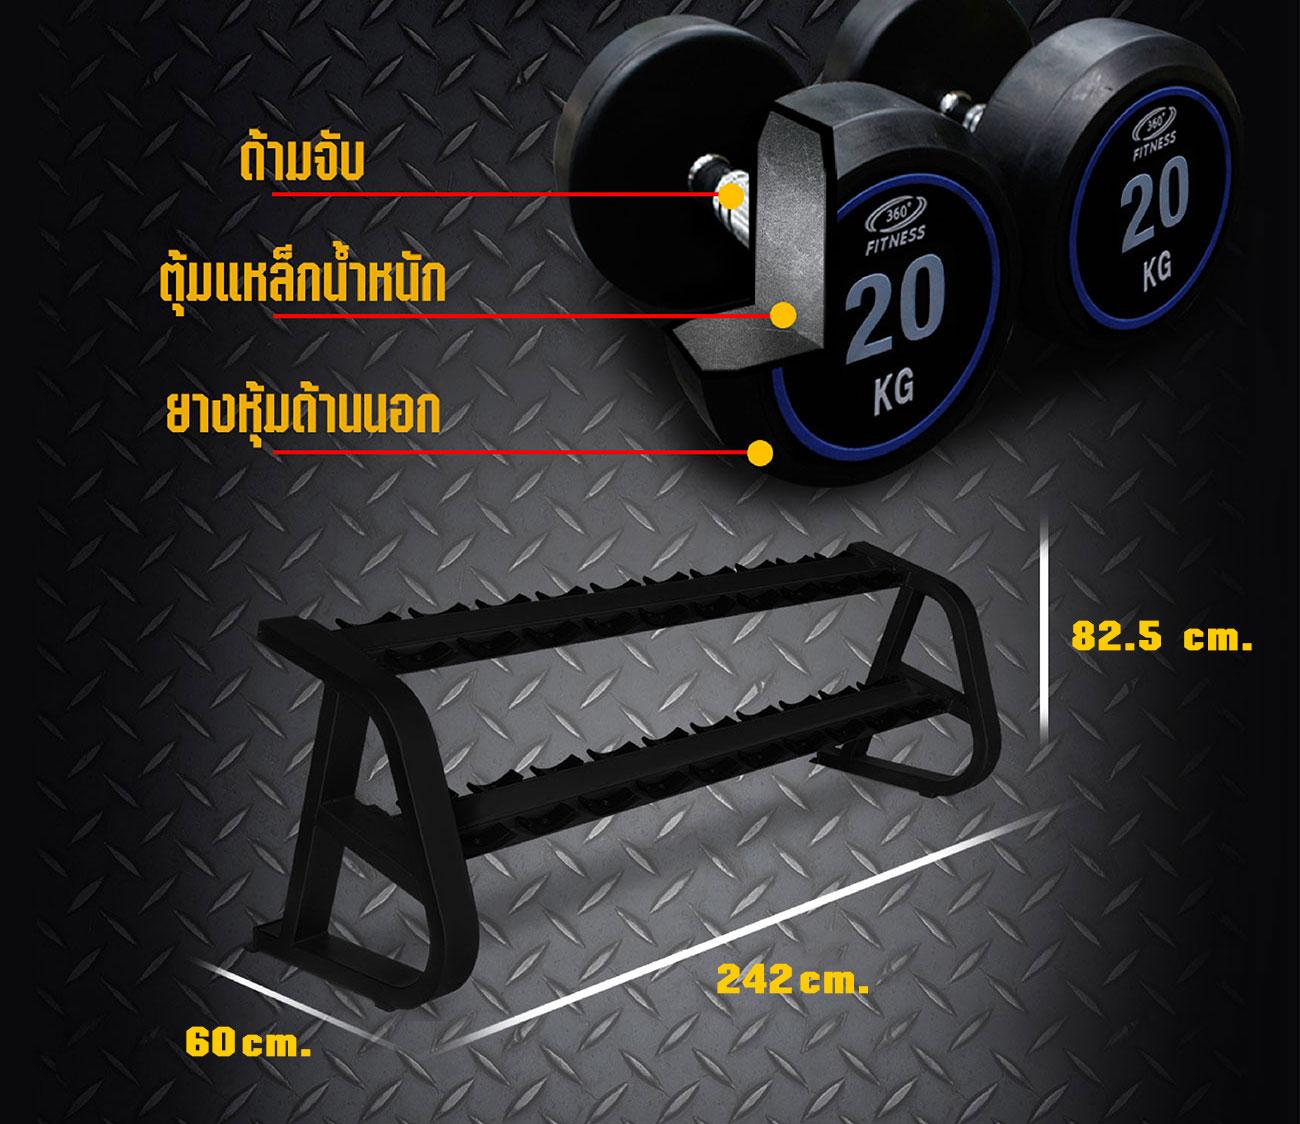 TPU DUMBBELL SET 2.5KG - 25KG with Rack 20pcs.